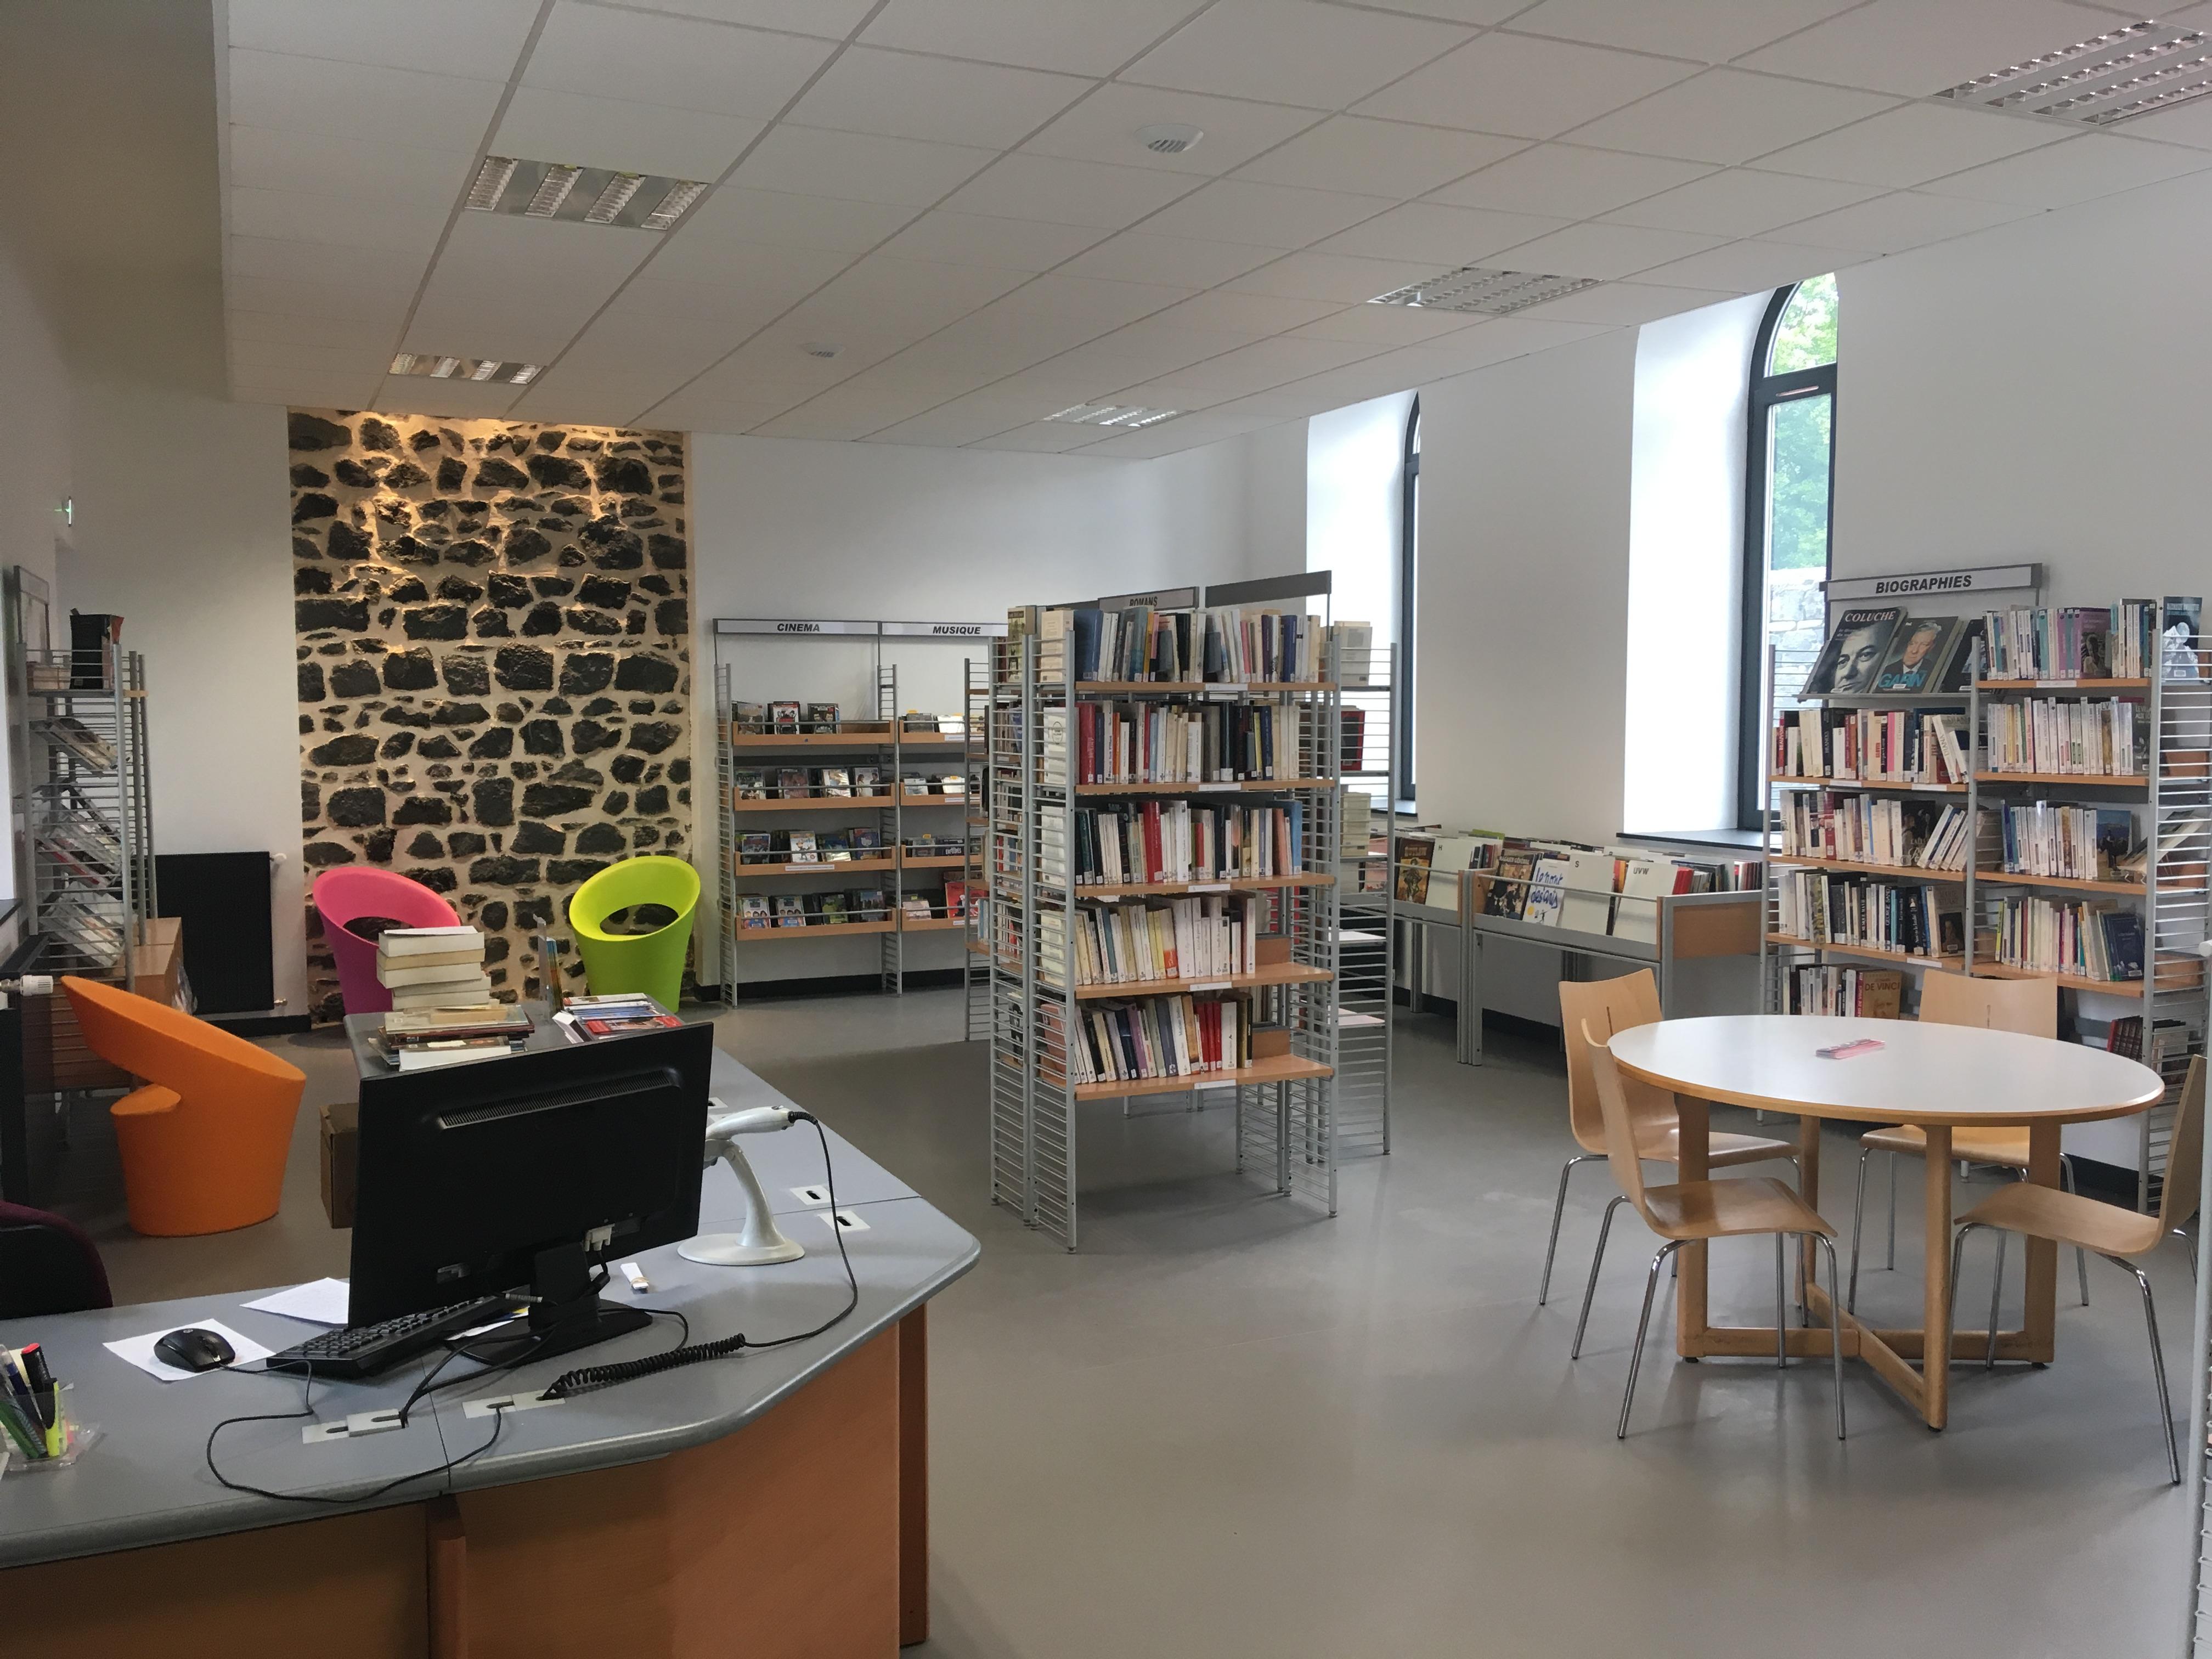 Médiathèque de Pontgibaud - Juin 2017